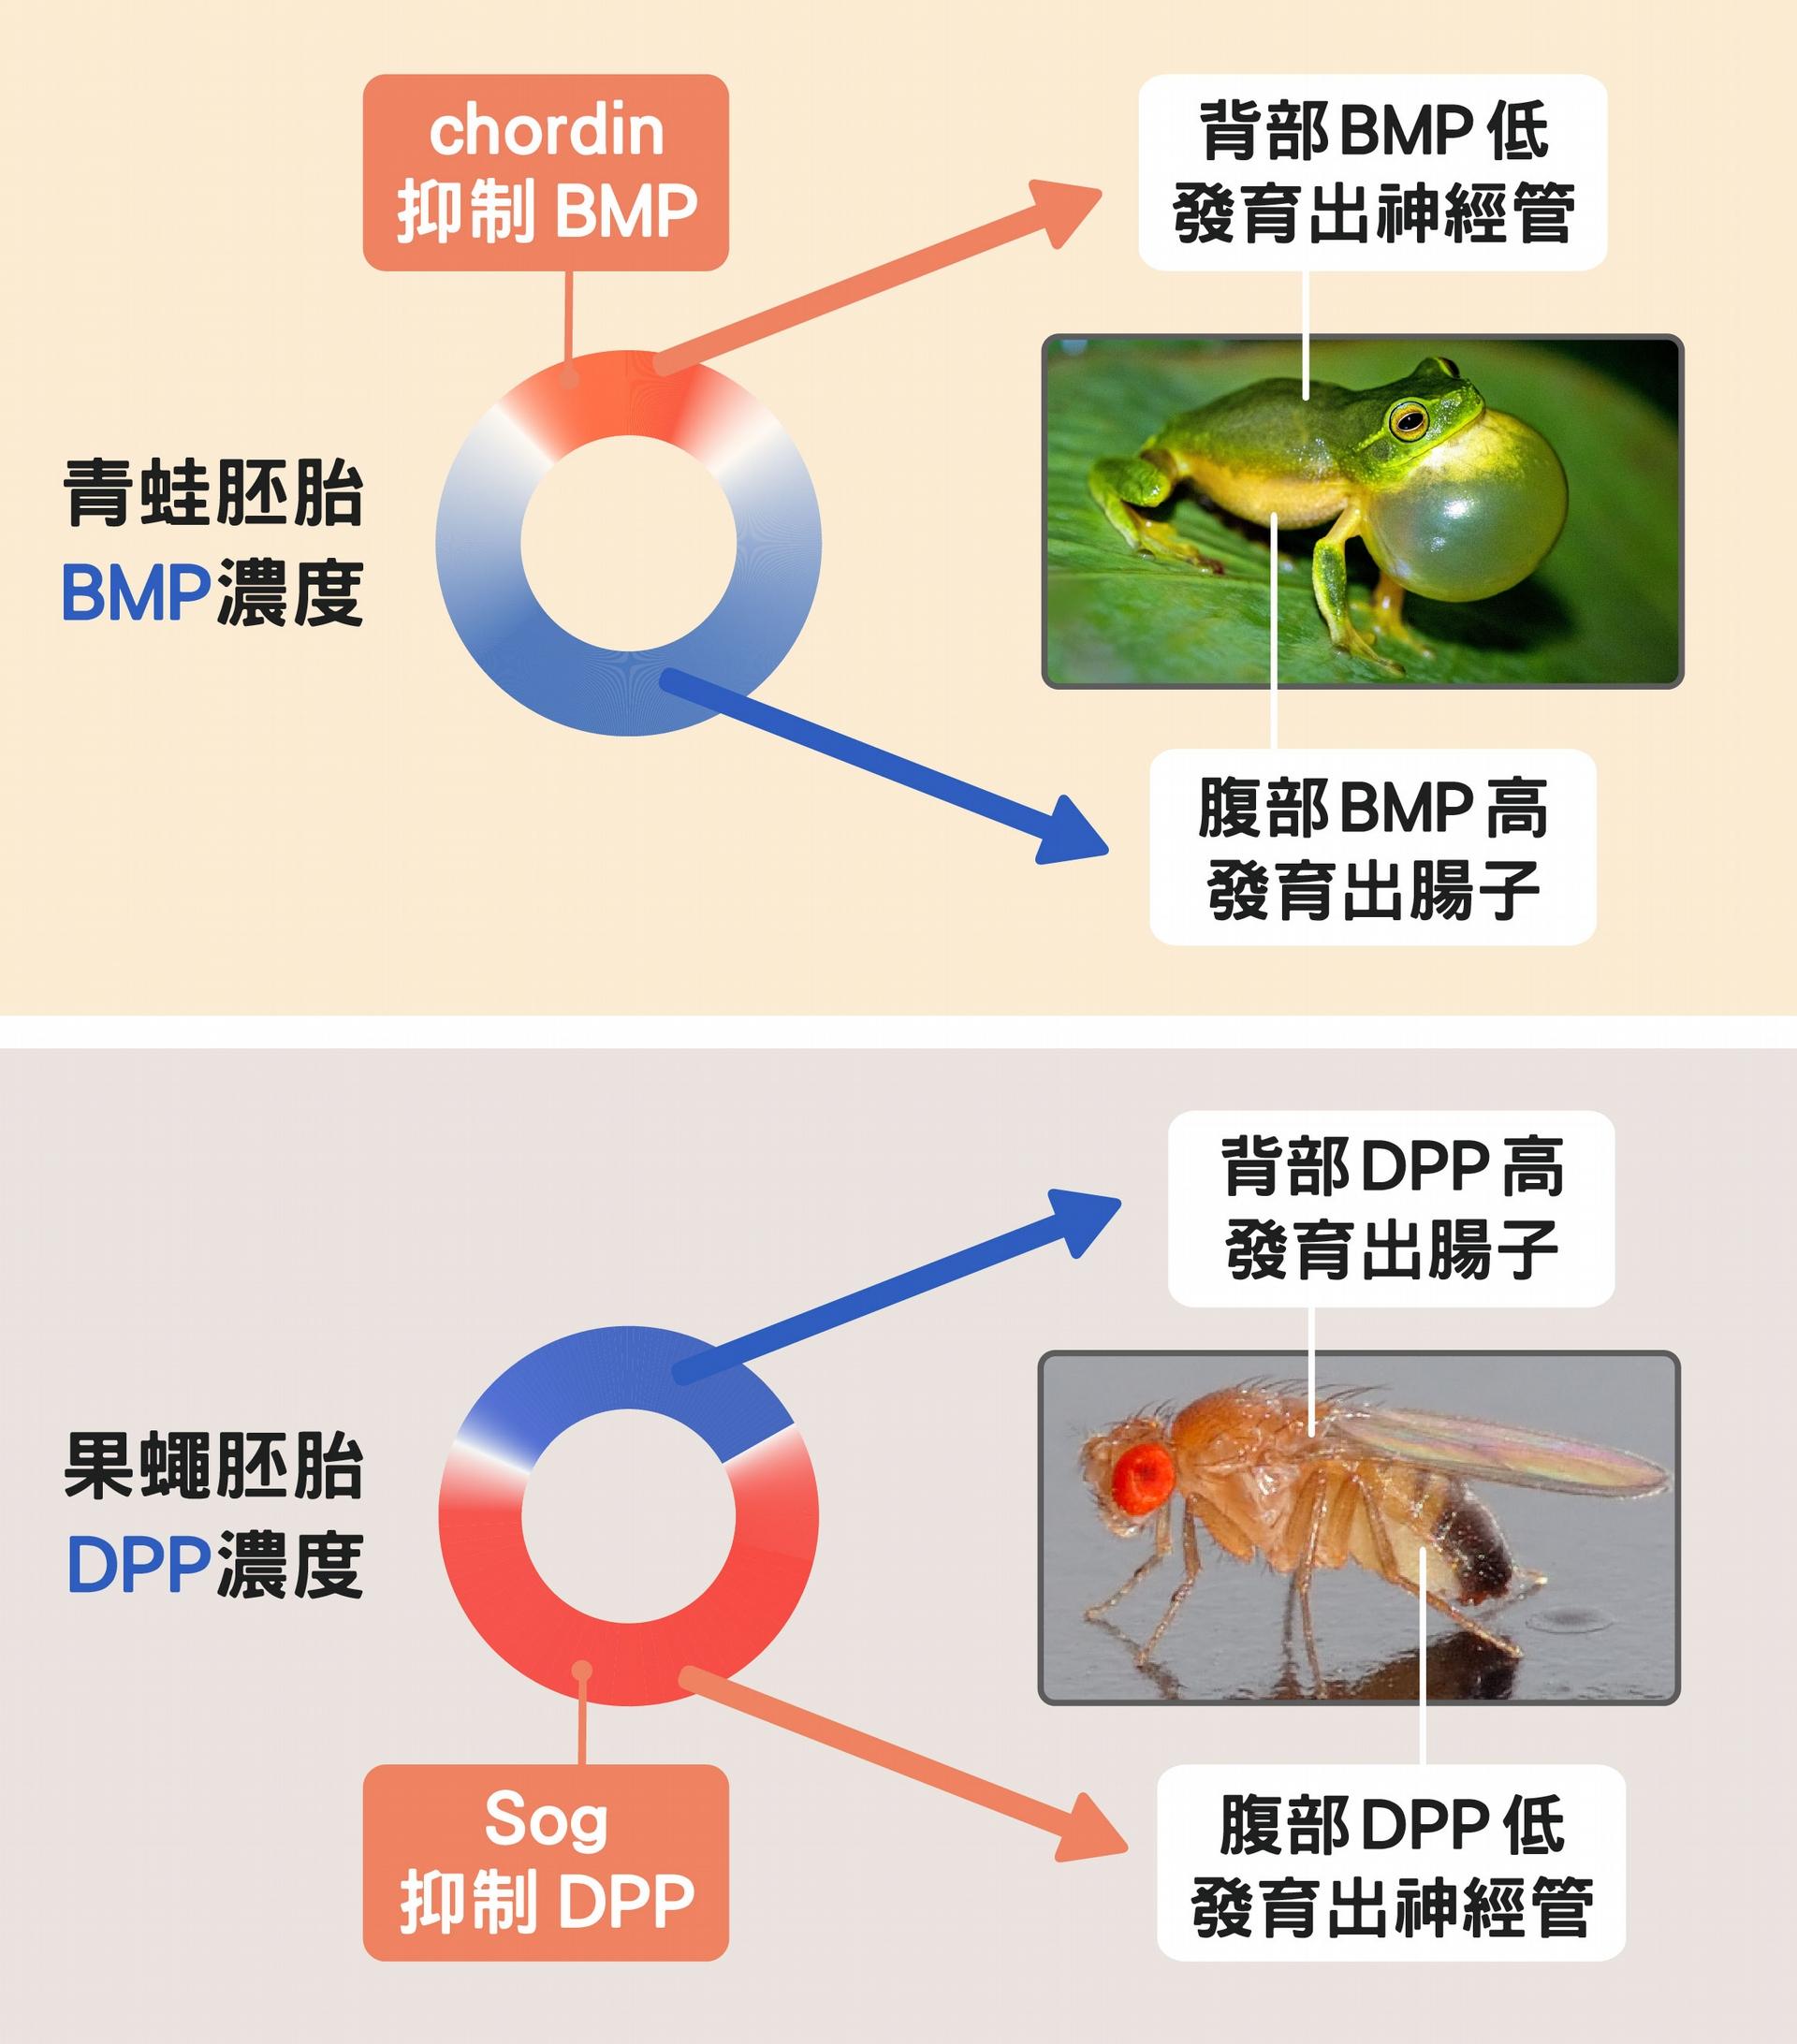 人青蛙的神經管長在背面、果蠅在腹面,正是因為控制背腹體軸發育的蛋白質濃度分布不一樣。 資料來源│蘇怡璇 ;圖片來源│維基百科、Unsplash ;圖說設計│黃曉君、林洵安